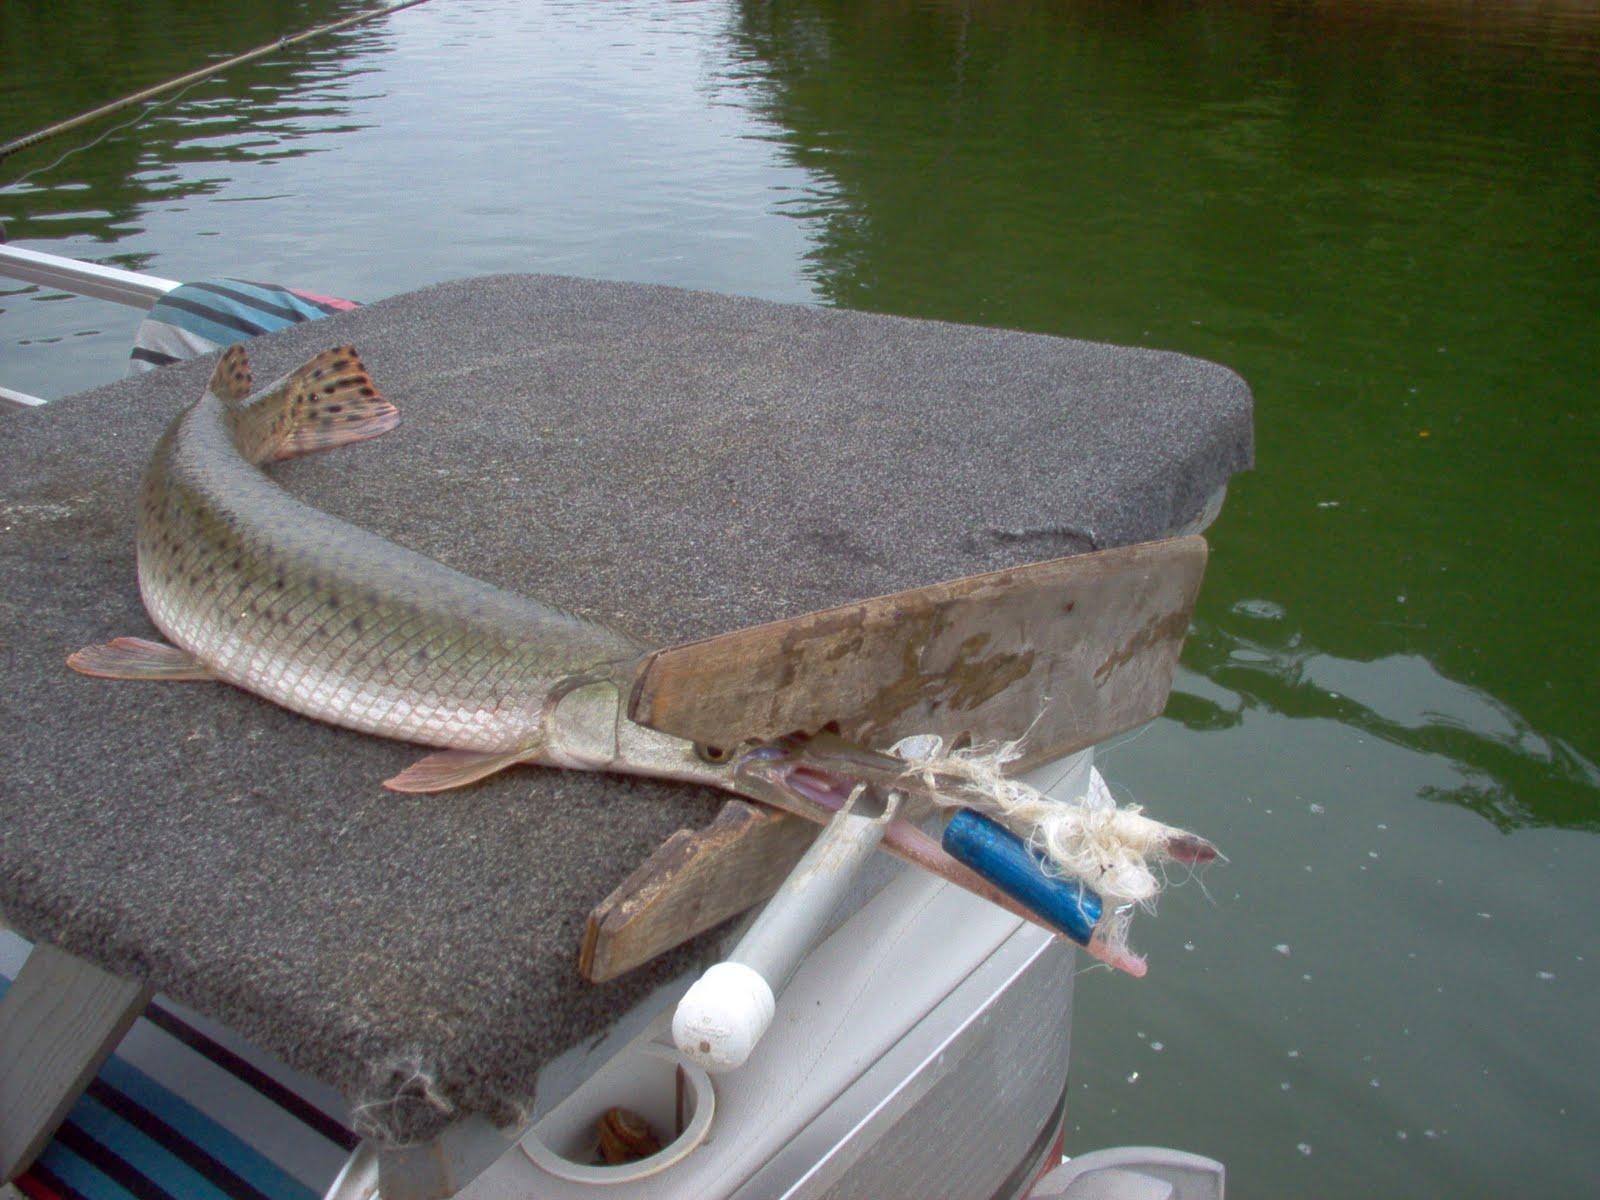 Lake lanier gar fishing for Gar fishing lures